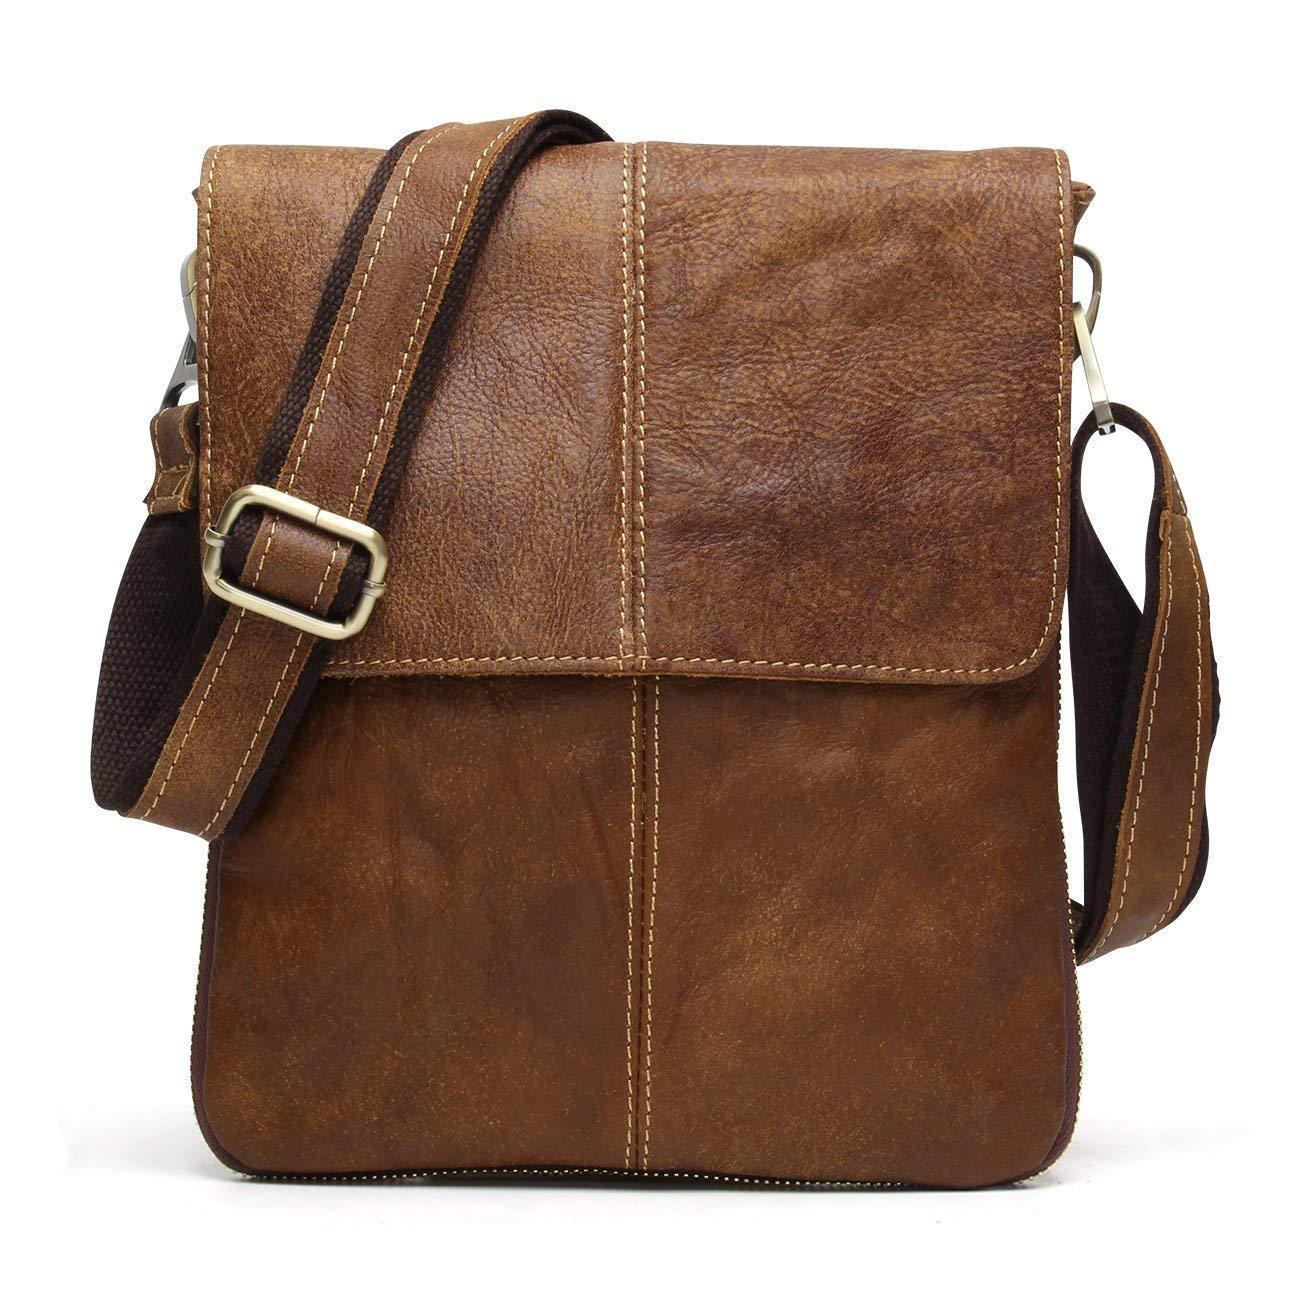 BAIGIO Bandolera Hombre Piel Vintage, Bolso de Hombro Cuero Crossbody Bag para Trabajos Negocios